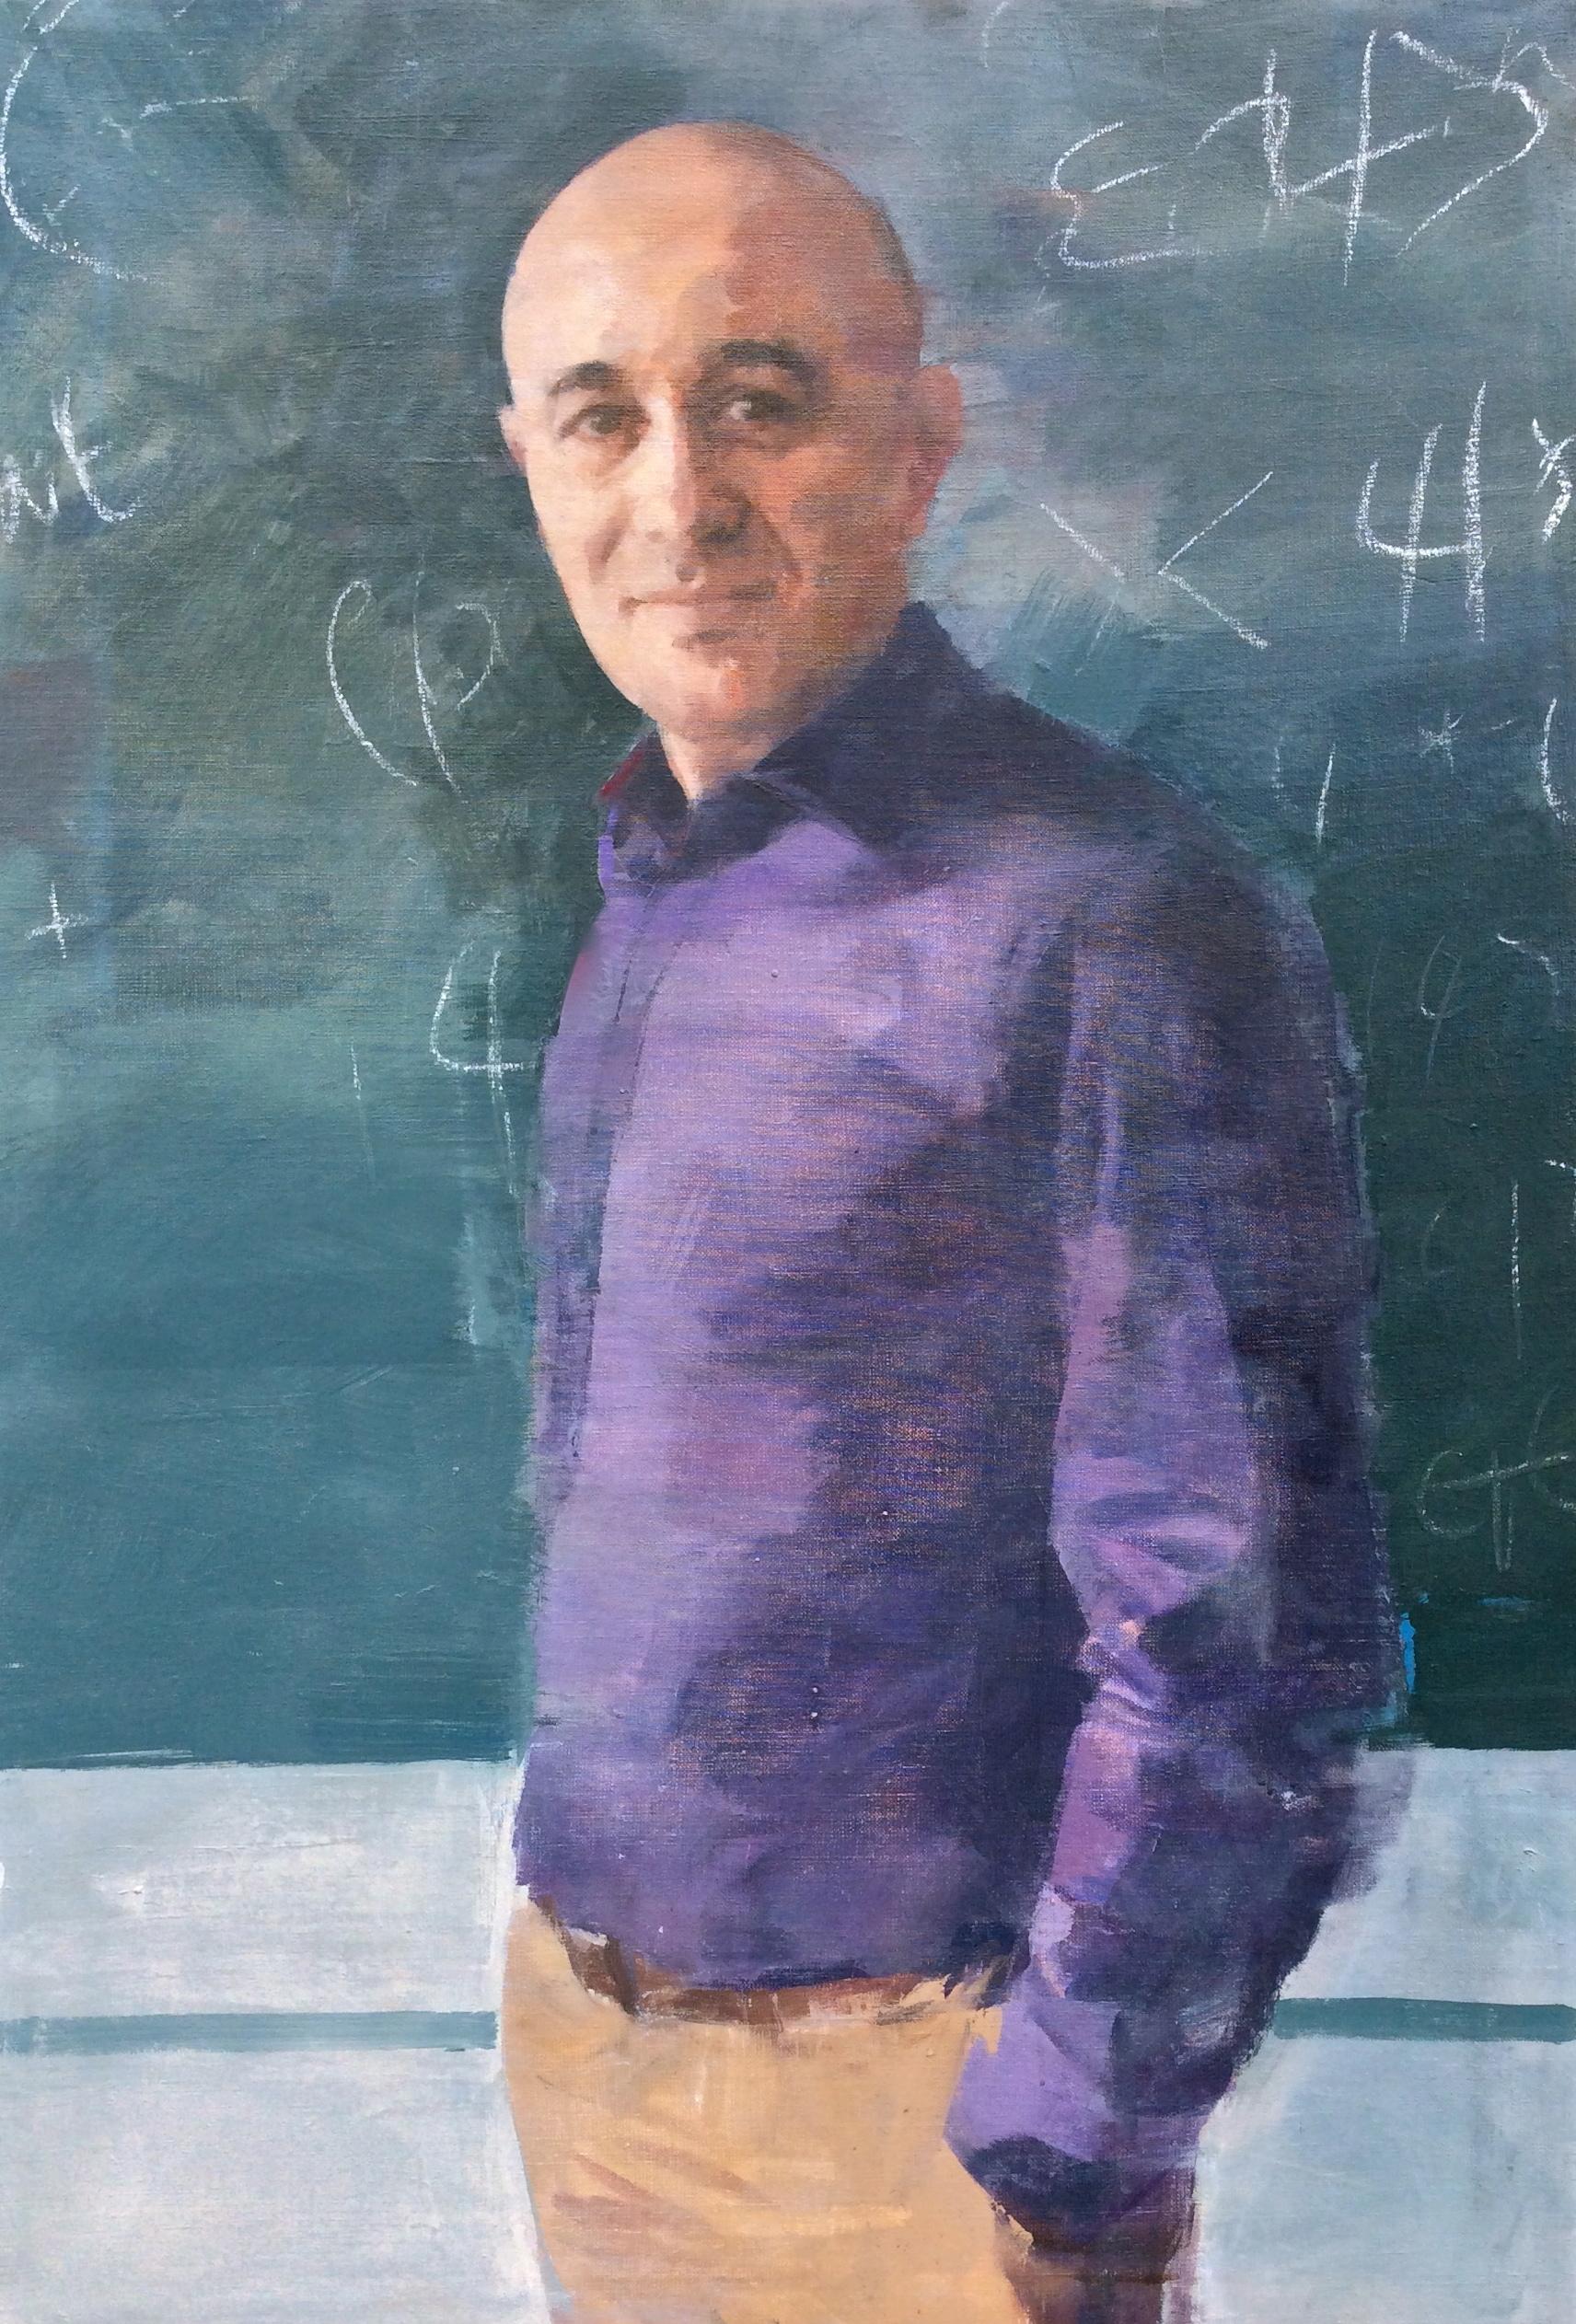 Professor Jim Al-Khalili for the British Humanist Association